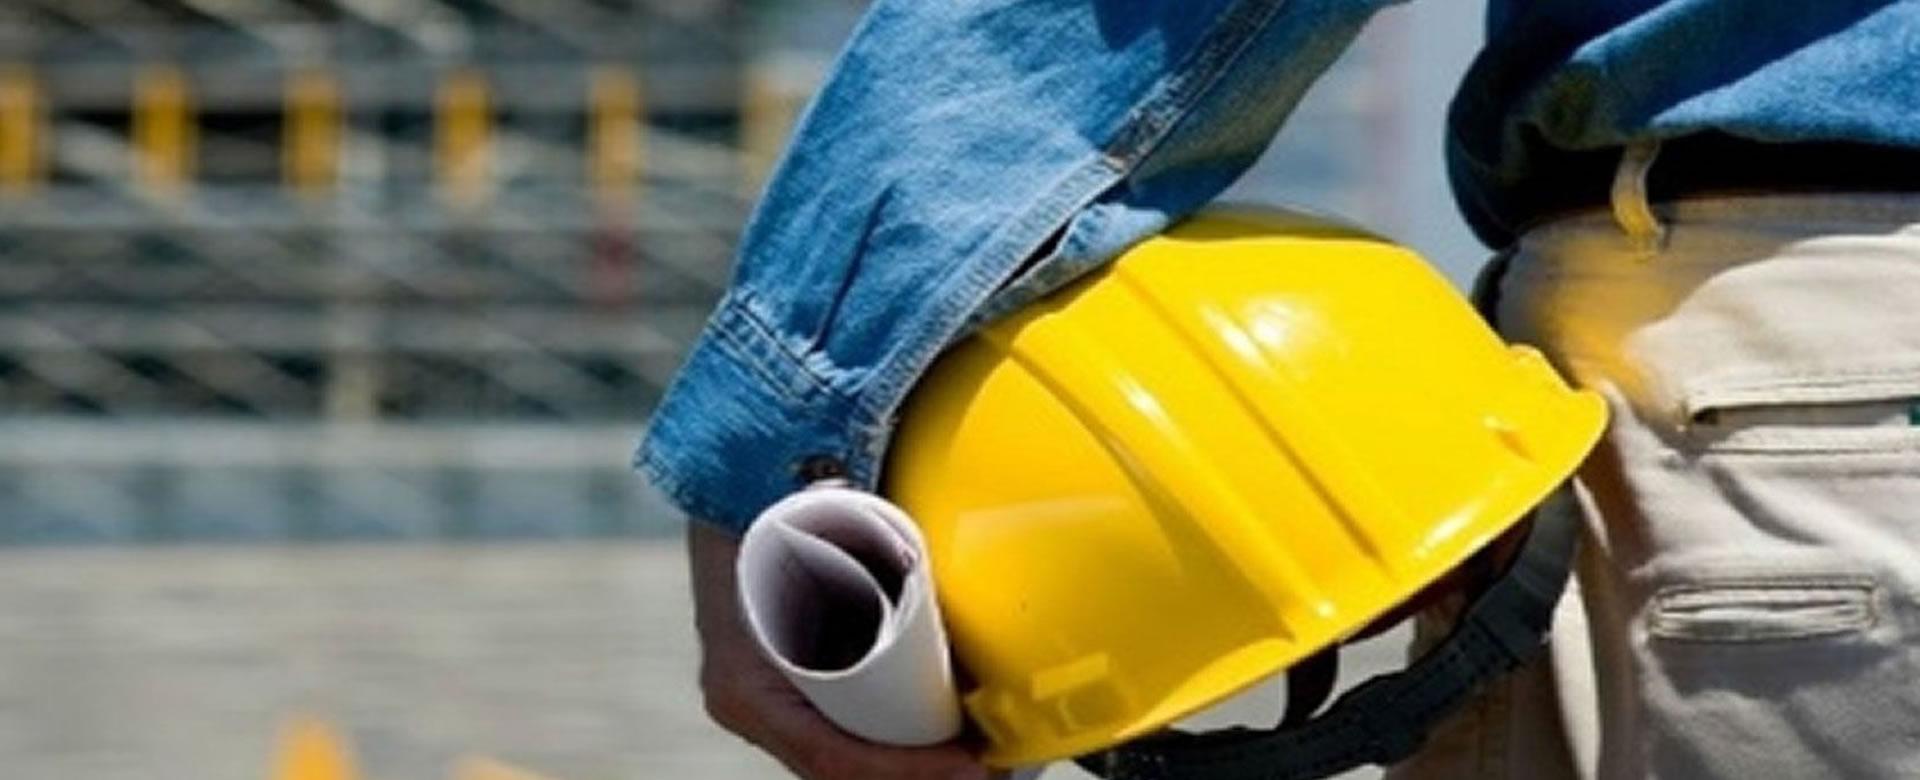 sicurezza sul lavoro ISO 45001 2018